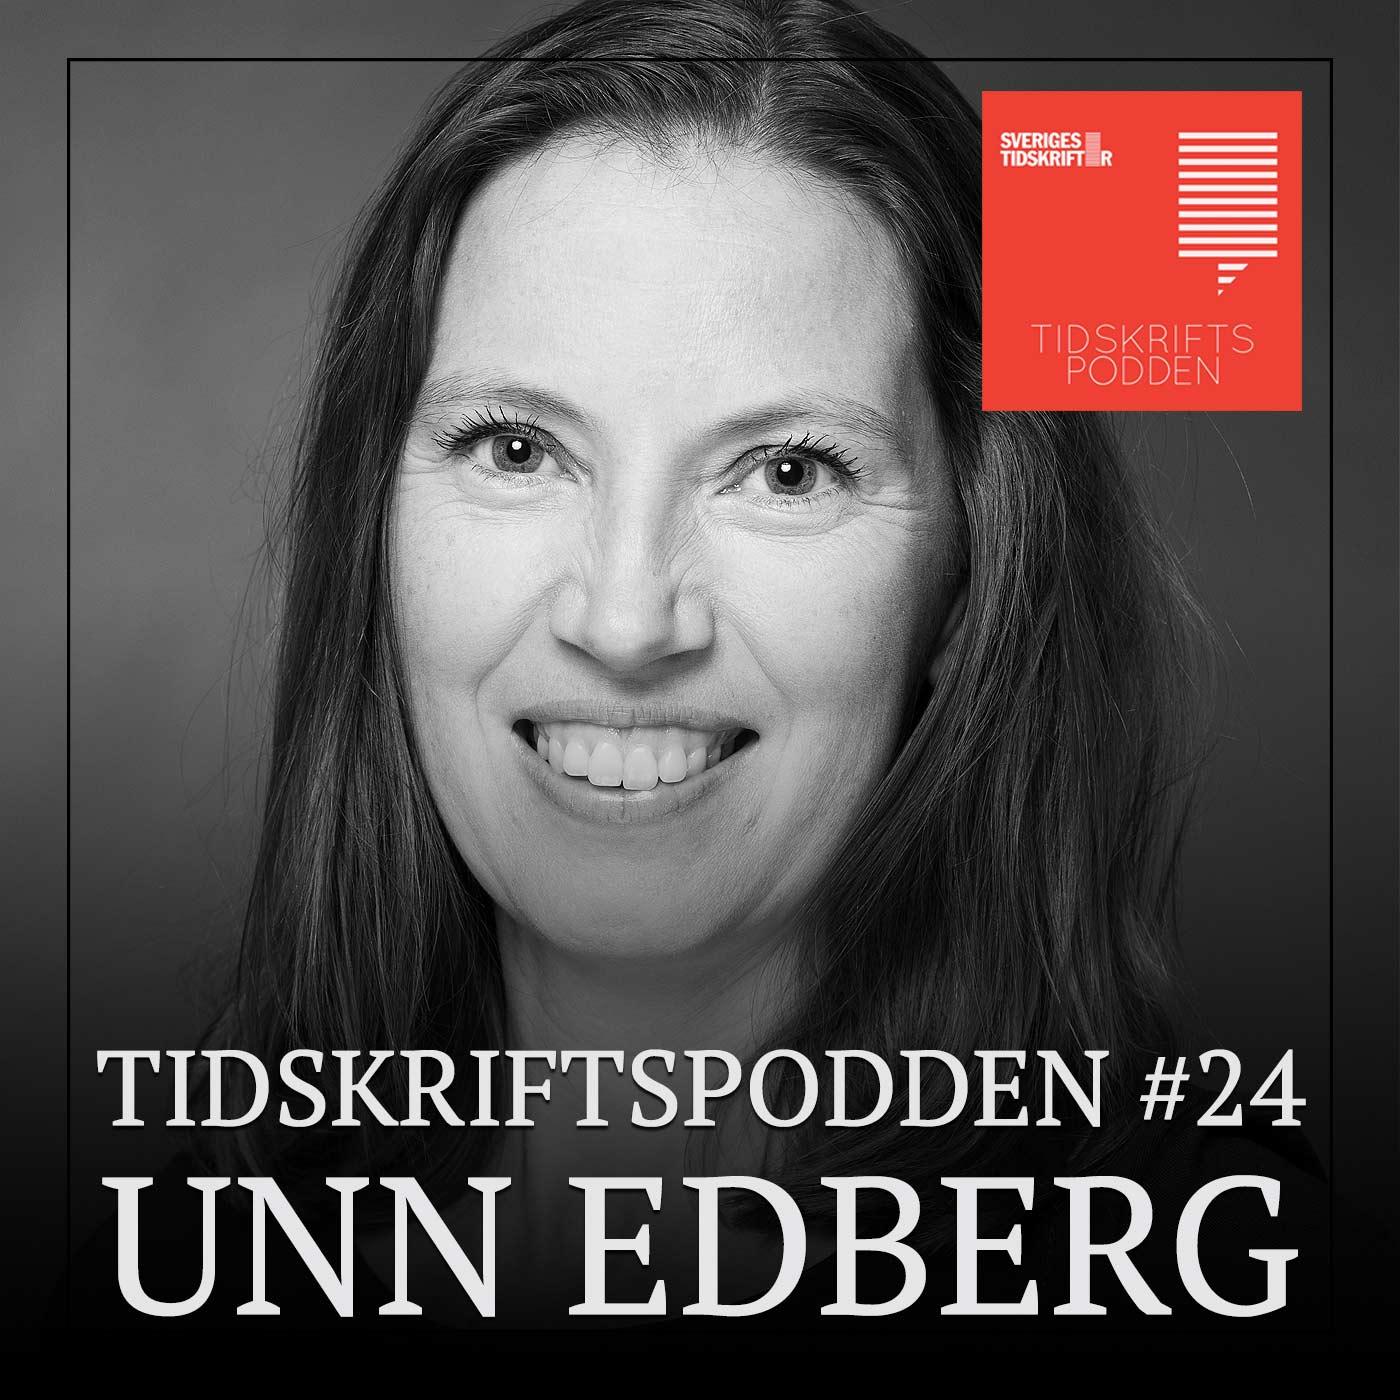 Unn Edberg, Tidskriftspodden